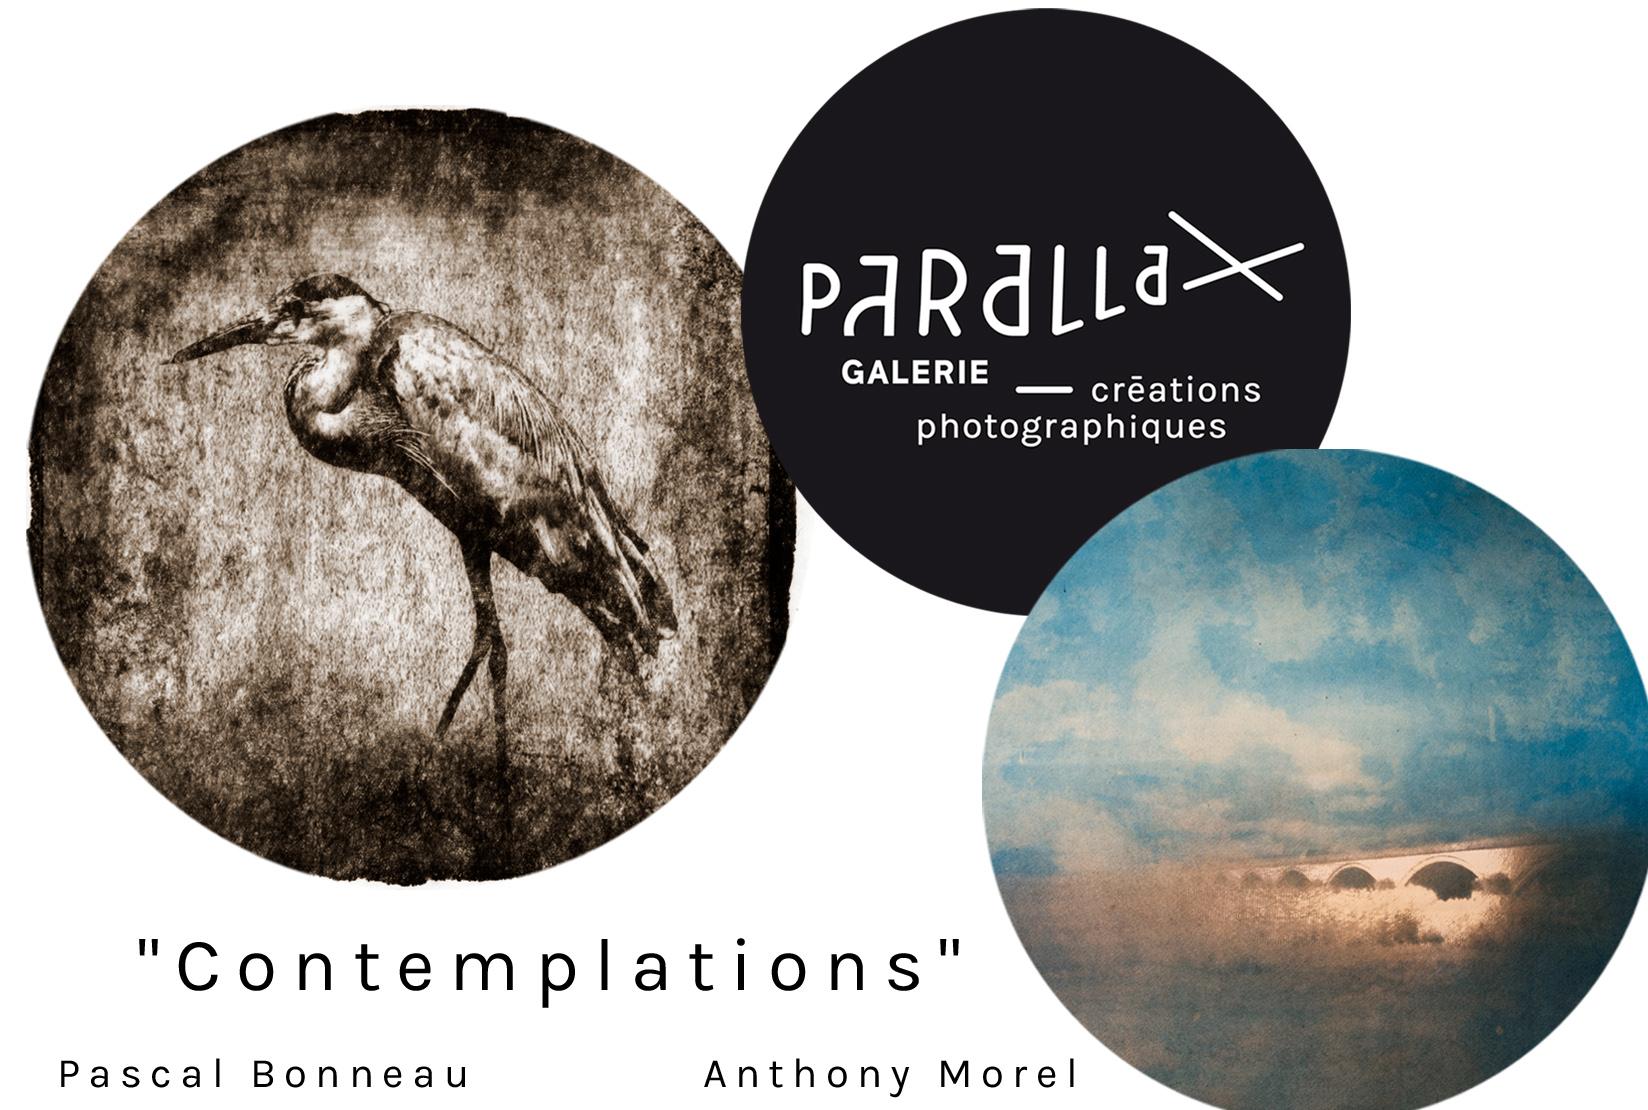 exposition , art, photographie, galerie d'art, aix en prvencet